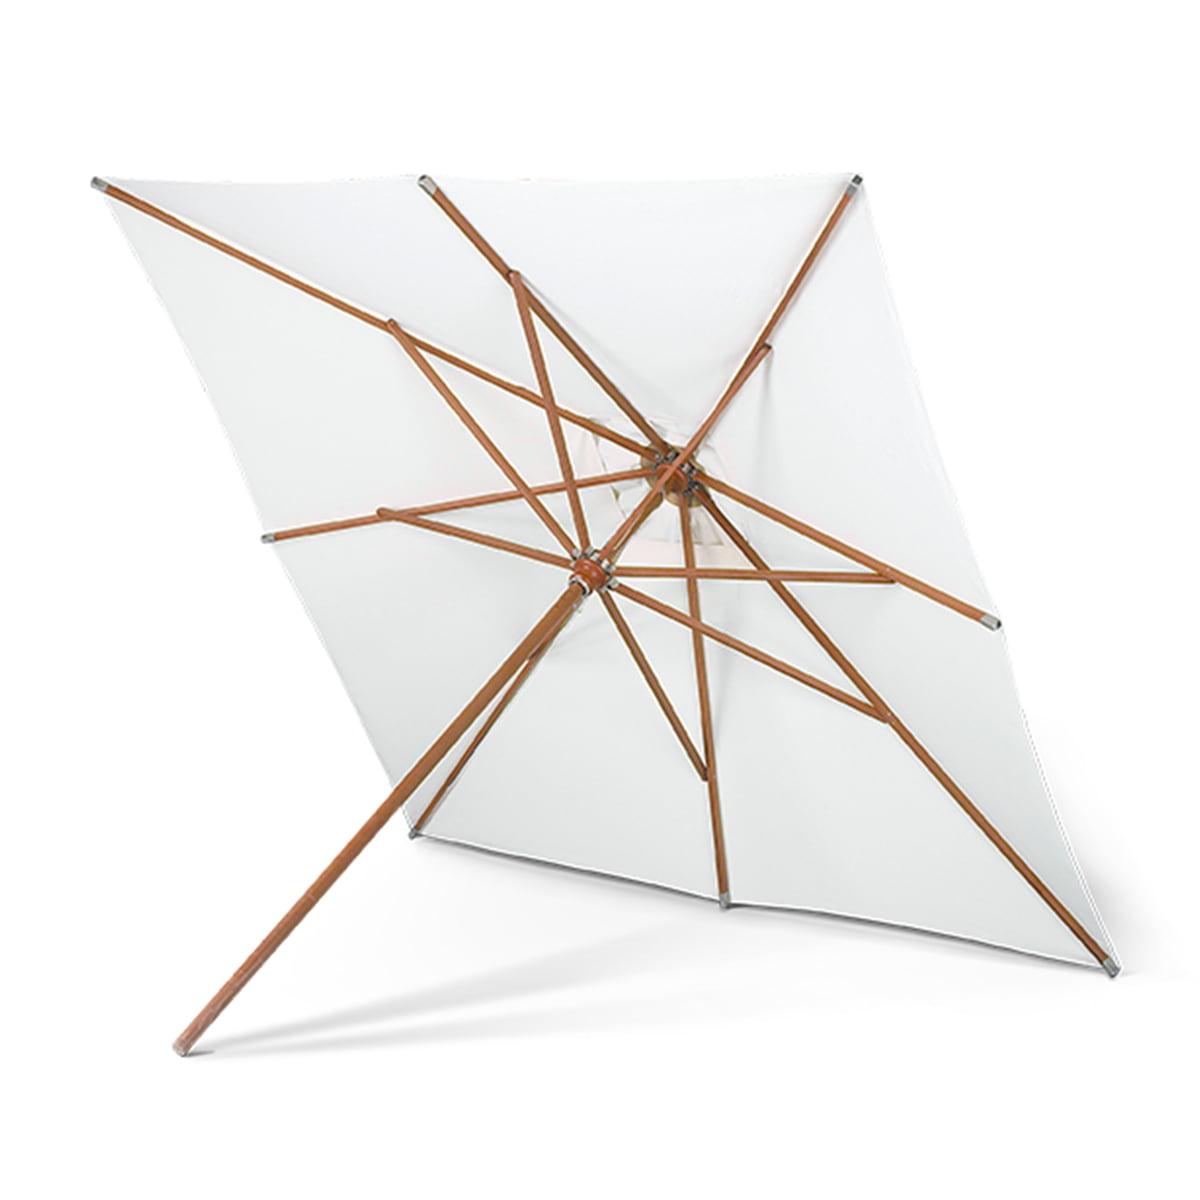 Skagerak - Messina Sonnenschirm, 300 x 300 cm | Garten > Sonnenschirme und Markisen > Sonnenschirme | Weiß | Merantiholz -  strapazierfähiges schirmtuch | Skagerak